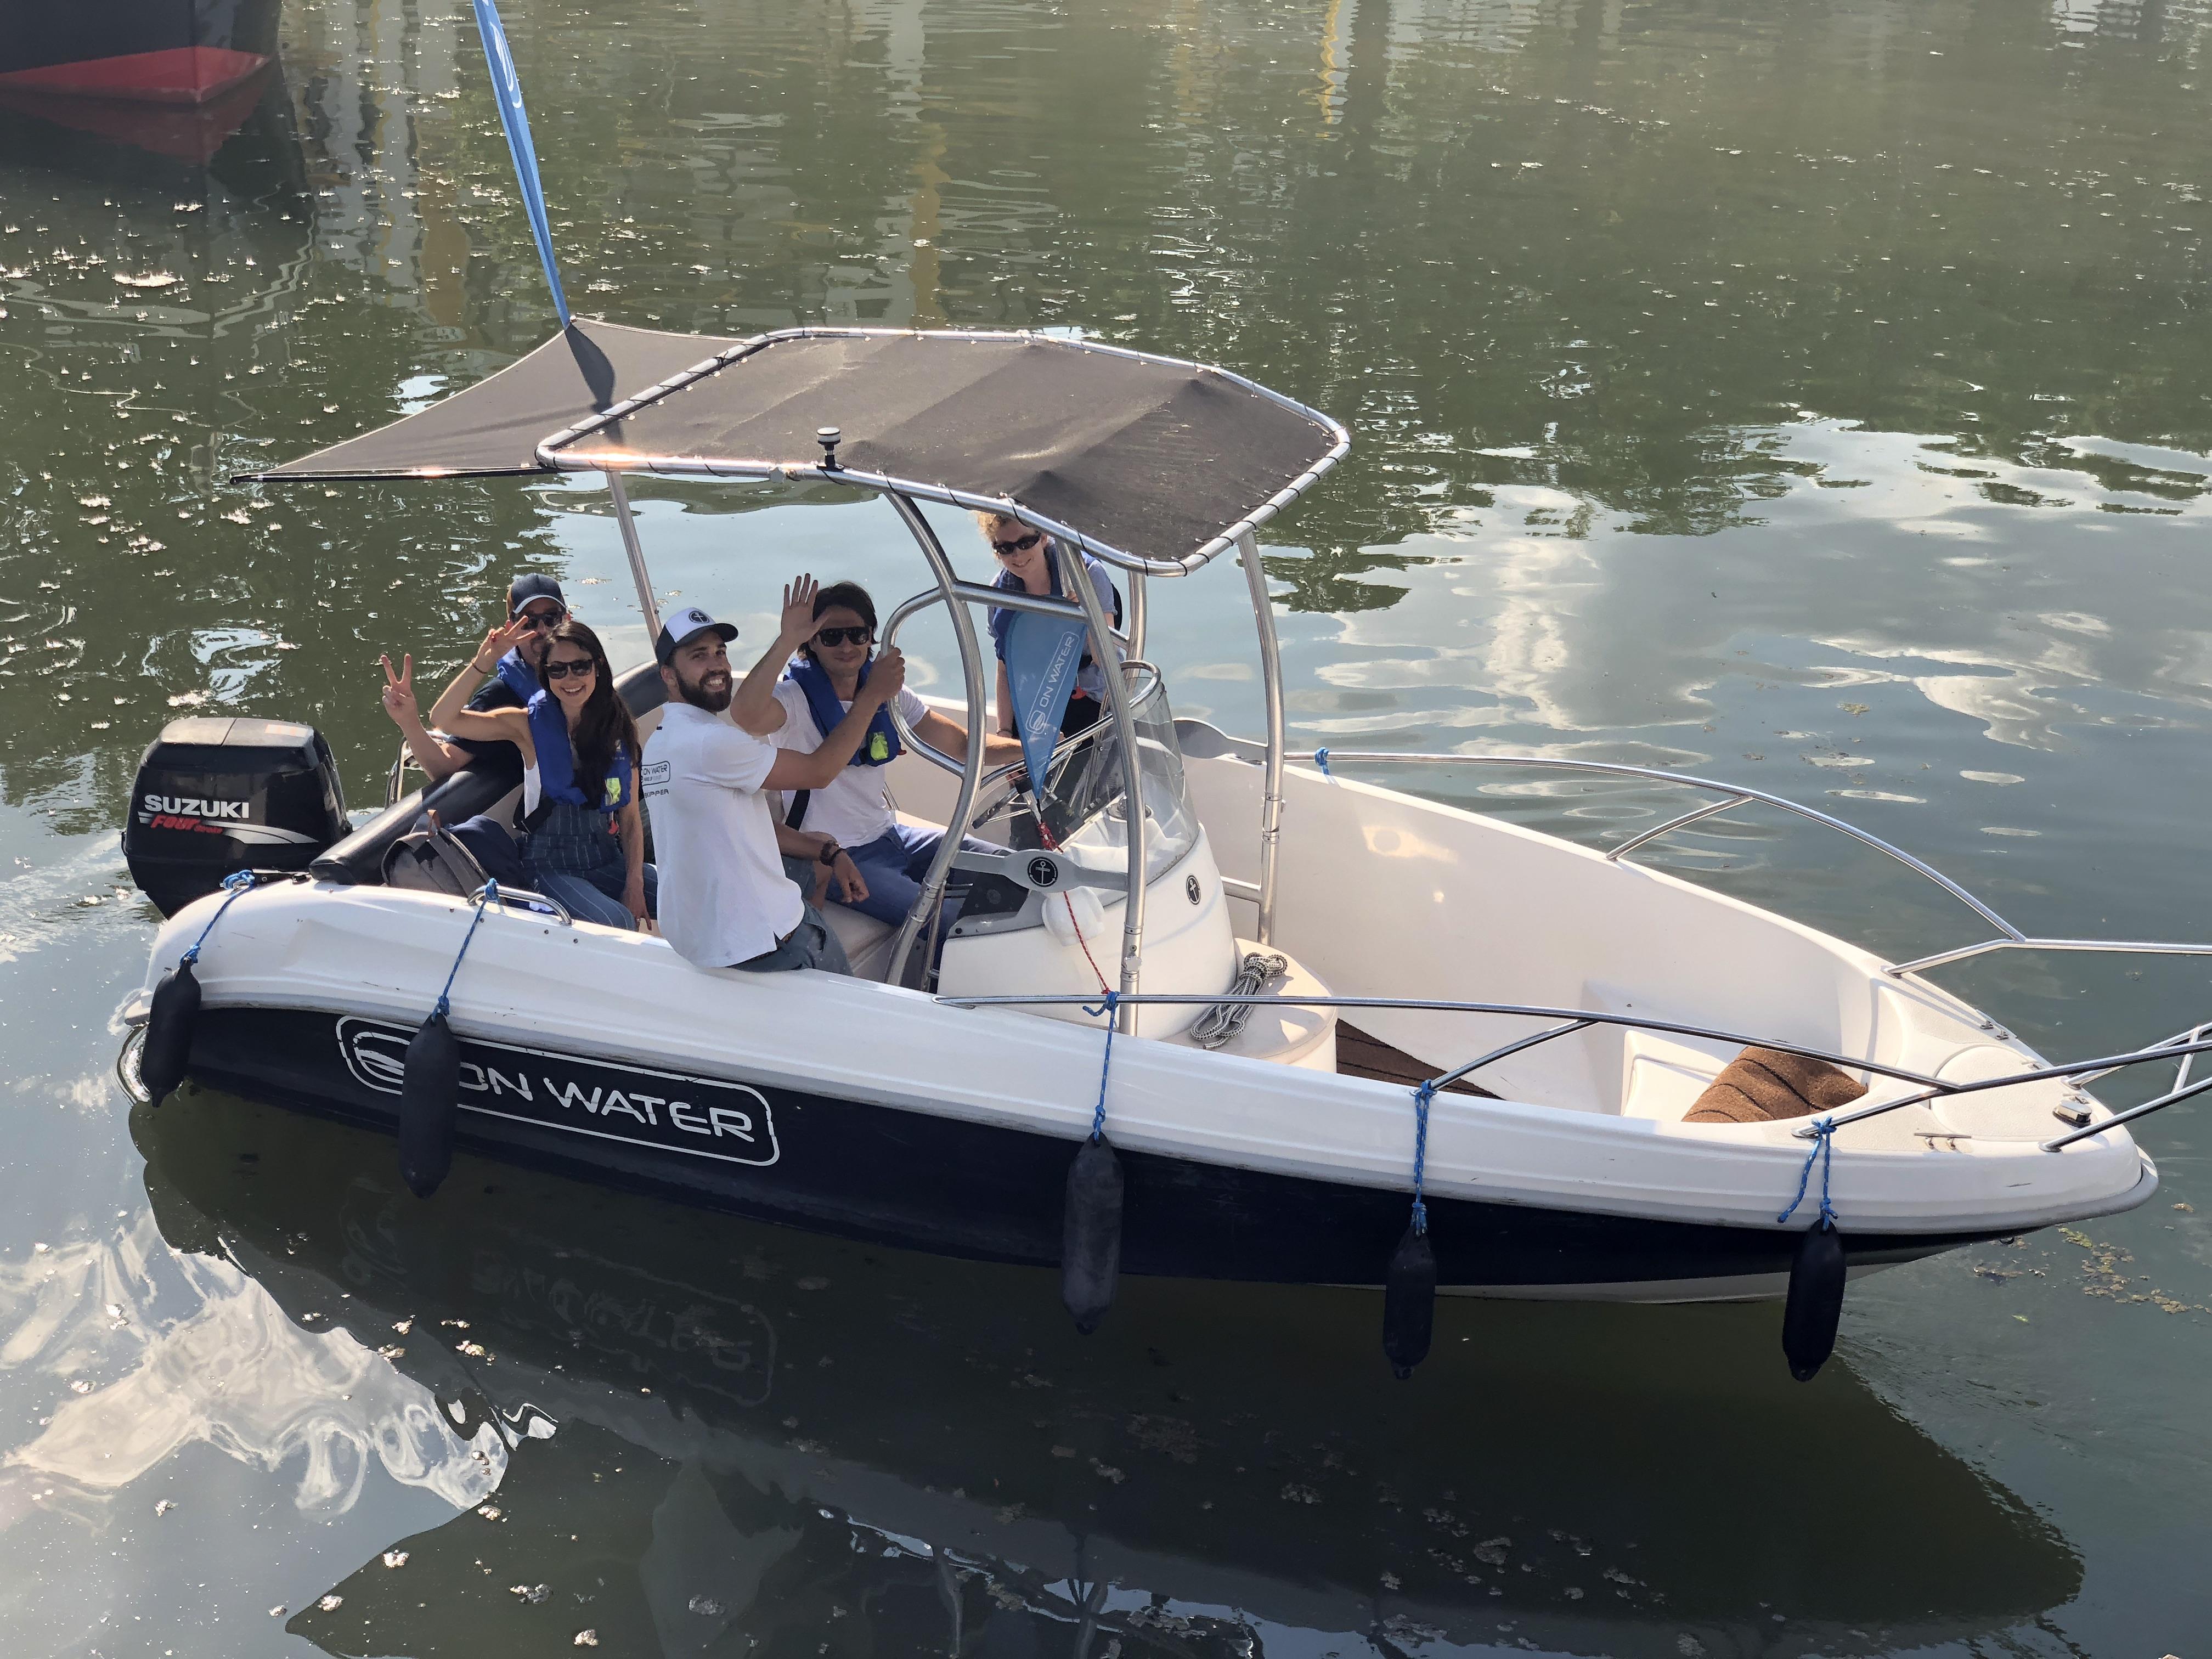 Fahrschulboot mit Hauke 22-5-18-5350